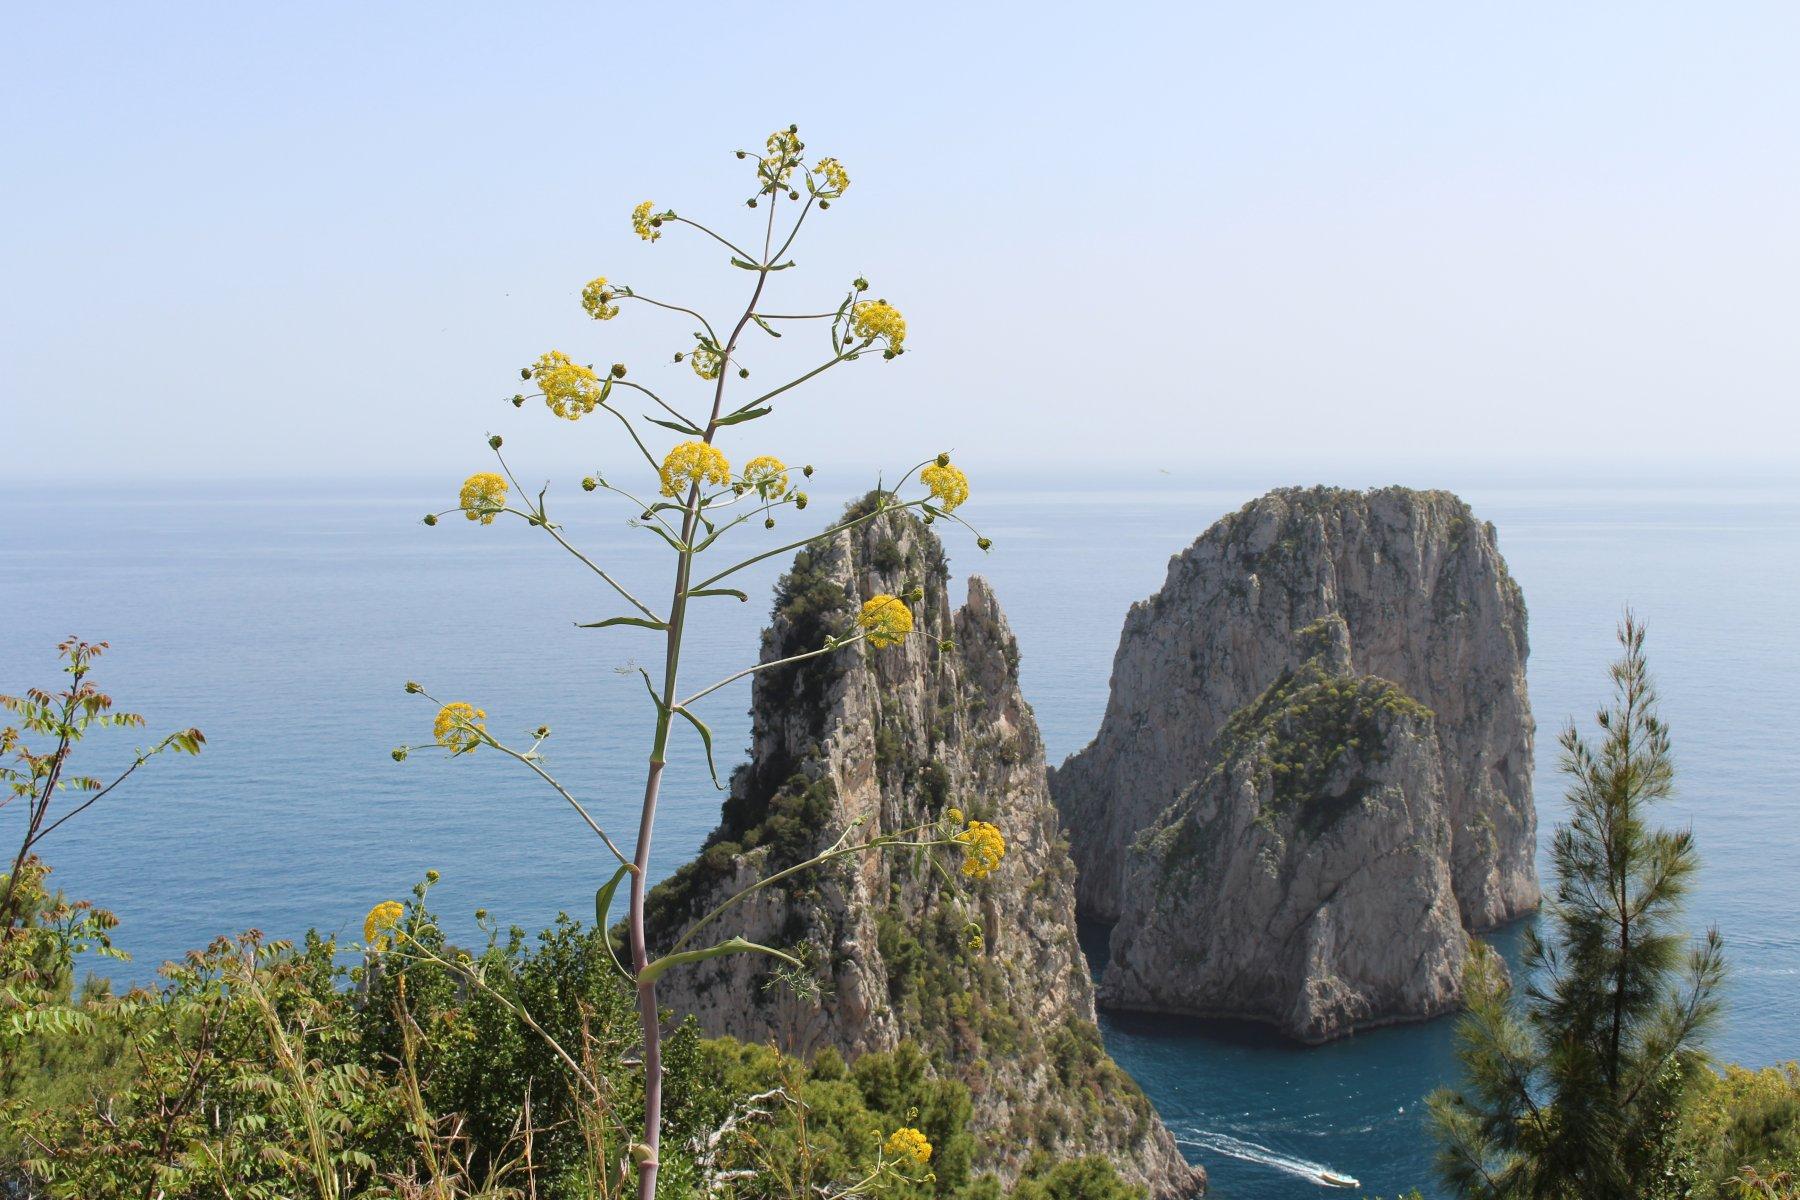 Capri (isola) -Villa Jovis, Arco naturale, Faraglioni 2019-04-25